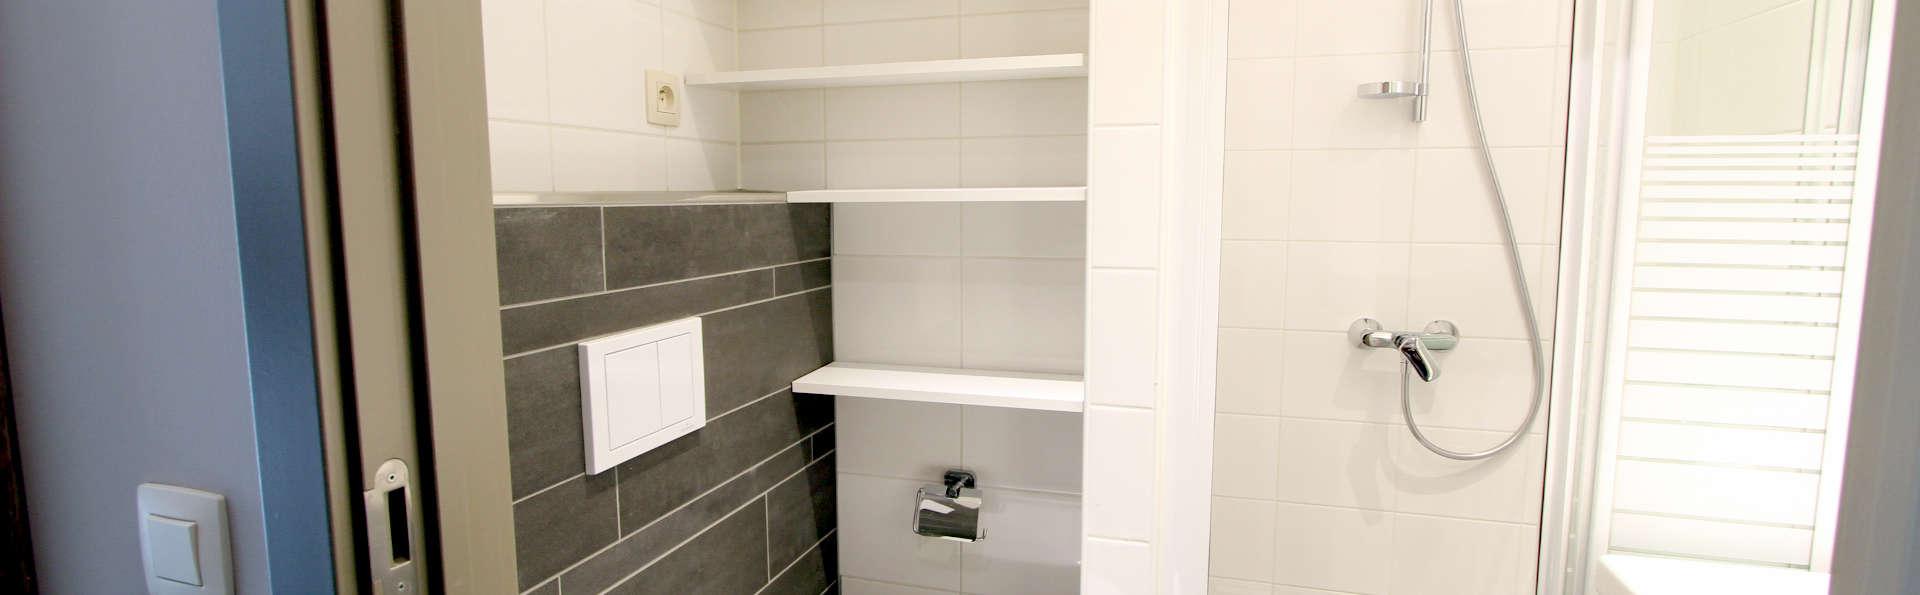 Holiday Suites Houthalen Helchteren - Edit_Bath.jpg